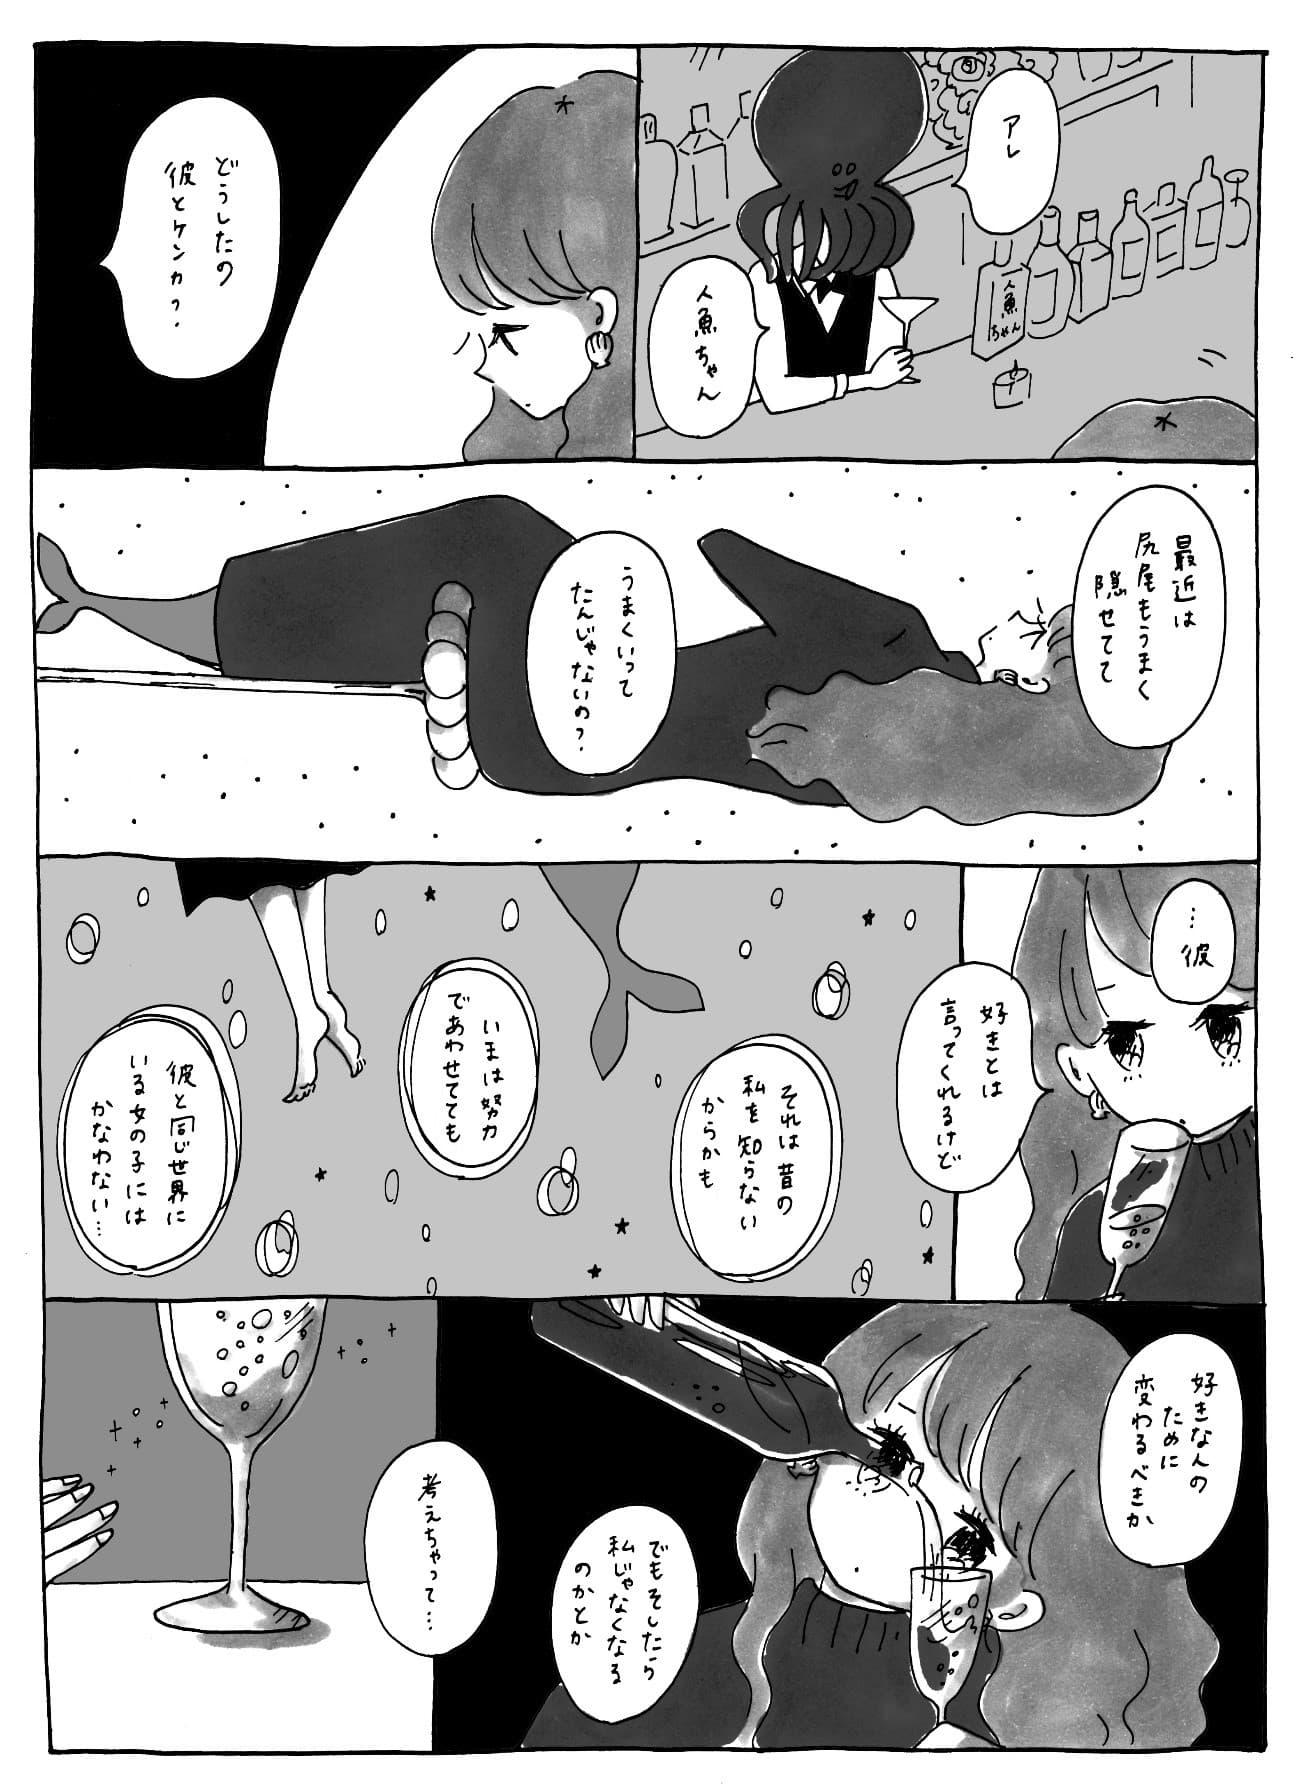 黄身子さんが描く人魚姫の漫画画像